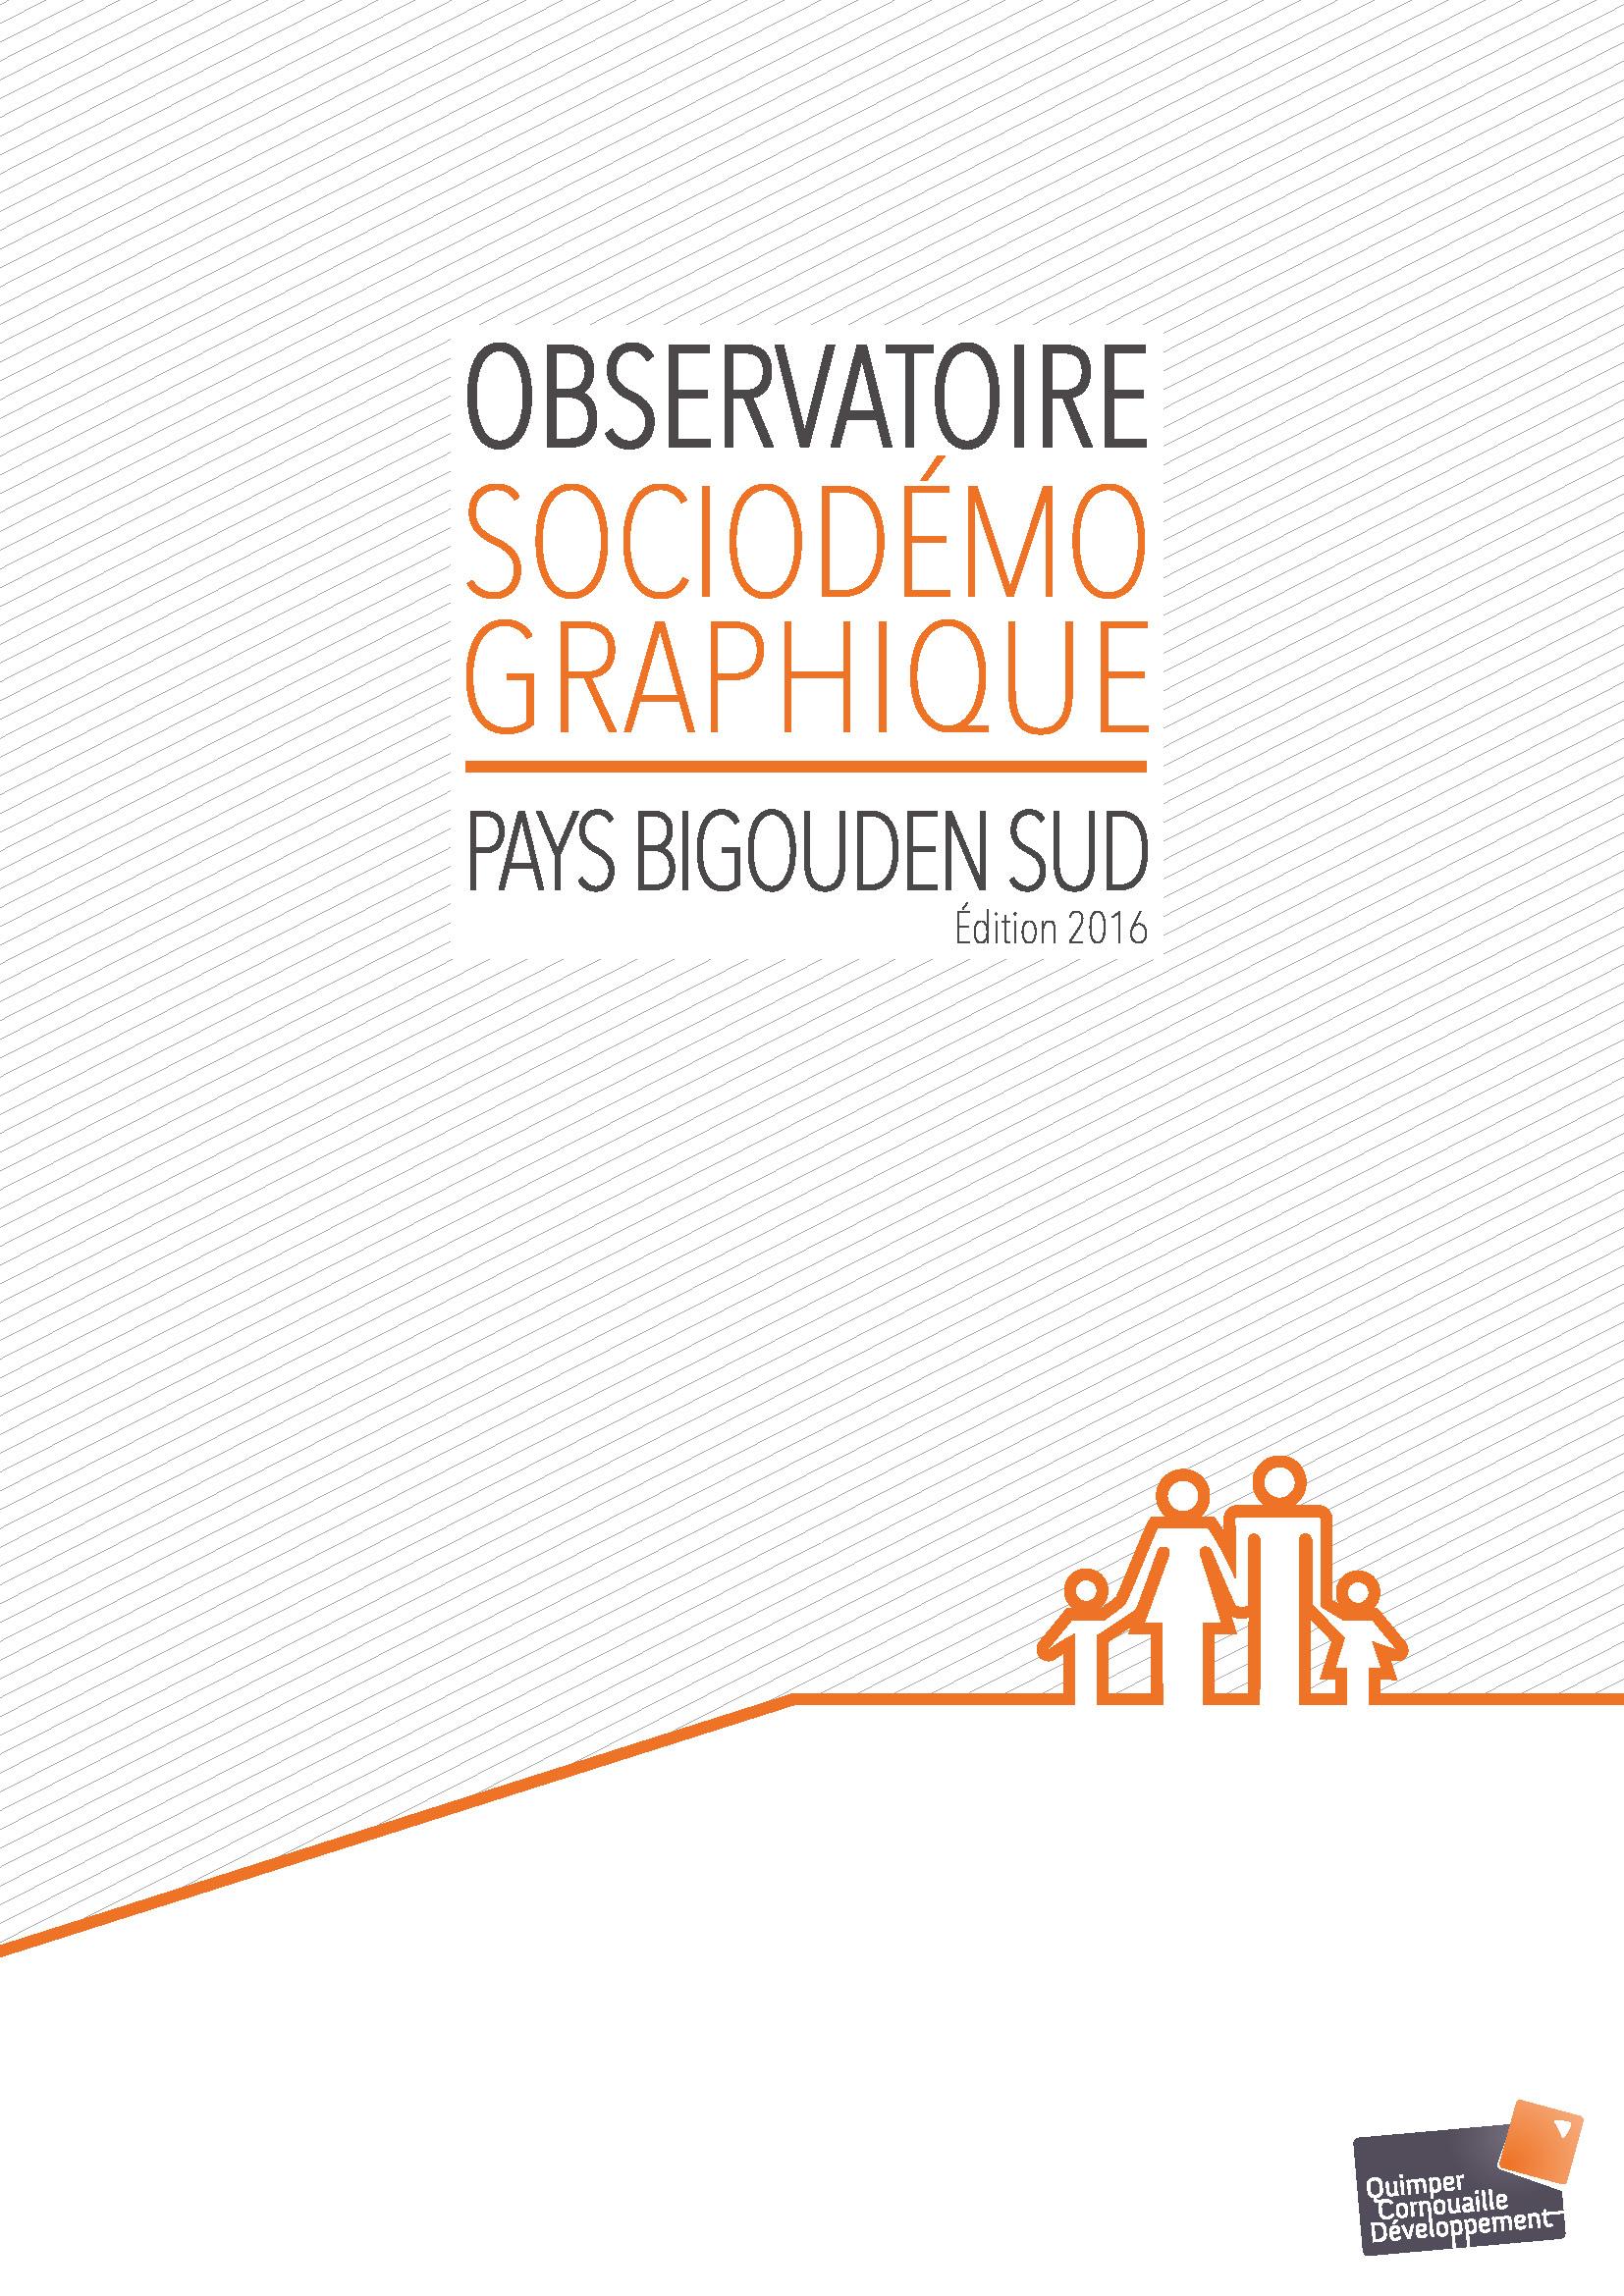 Observatoire socio-démographique Pays Bigouden Sud. Edition 2016 (11/2017)